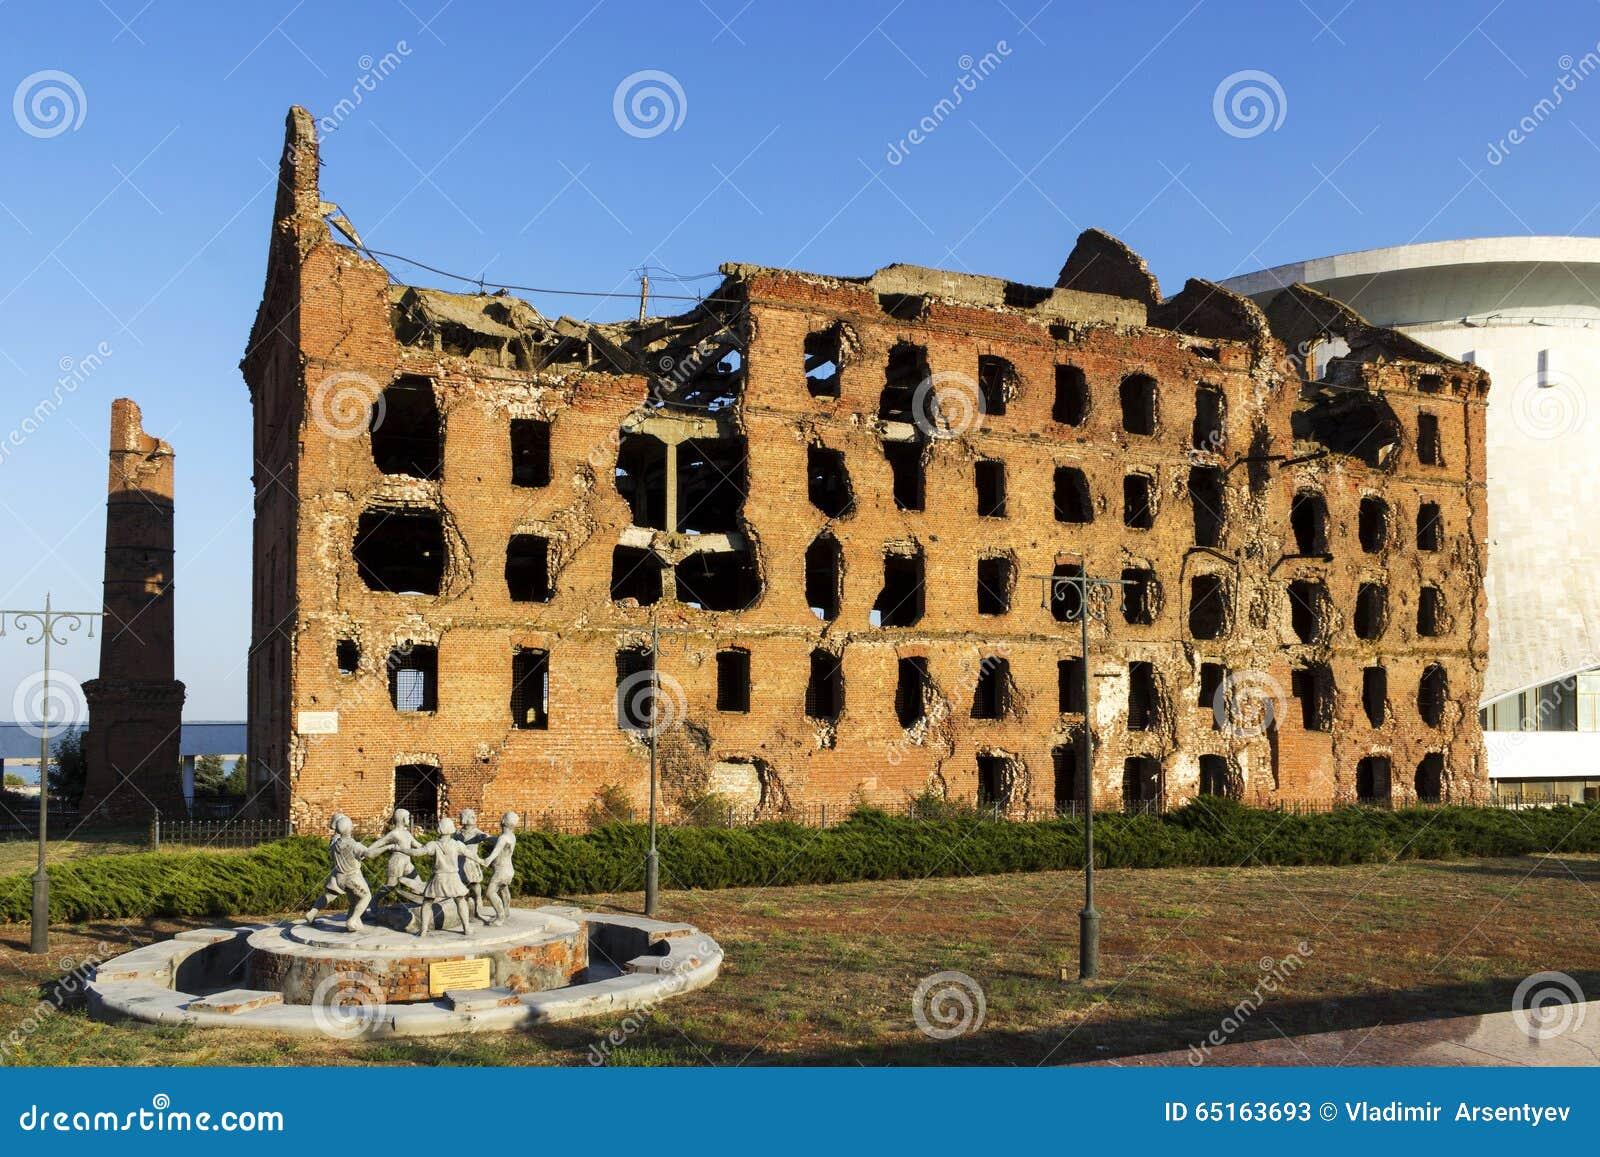 Ruined mill of Gergardt in Volgograd 23